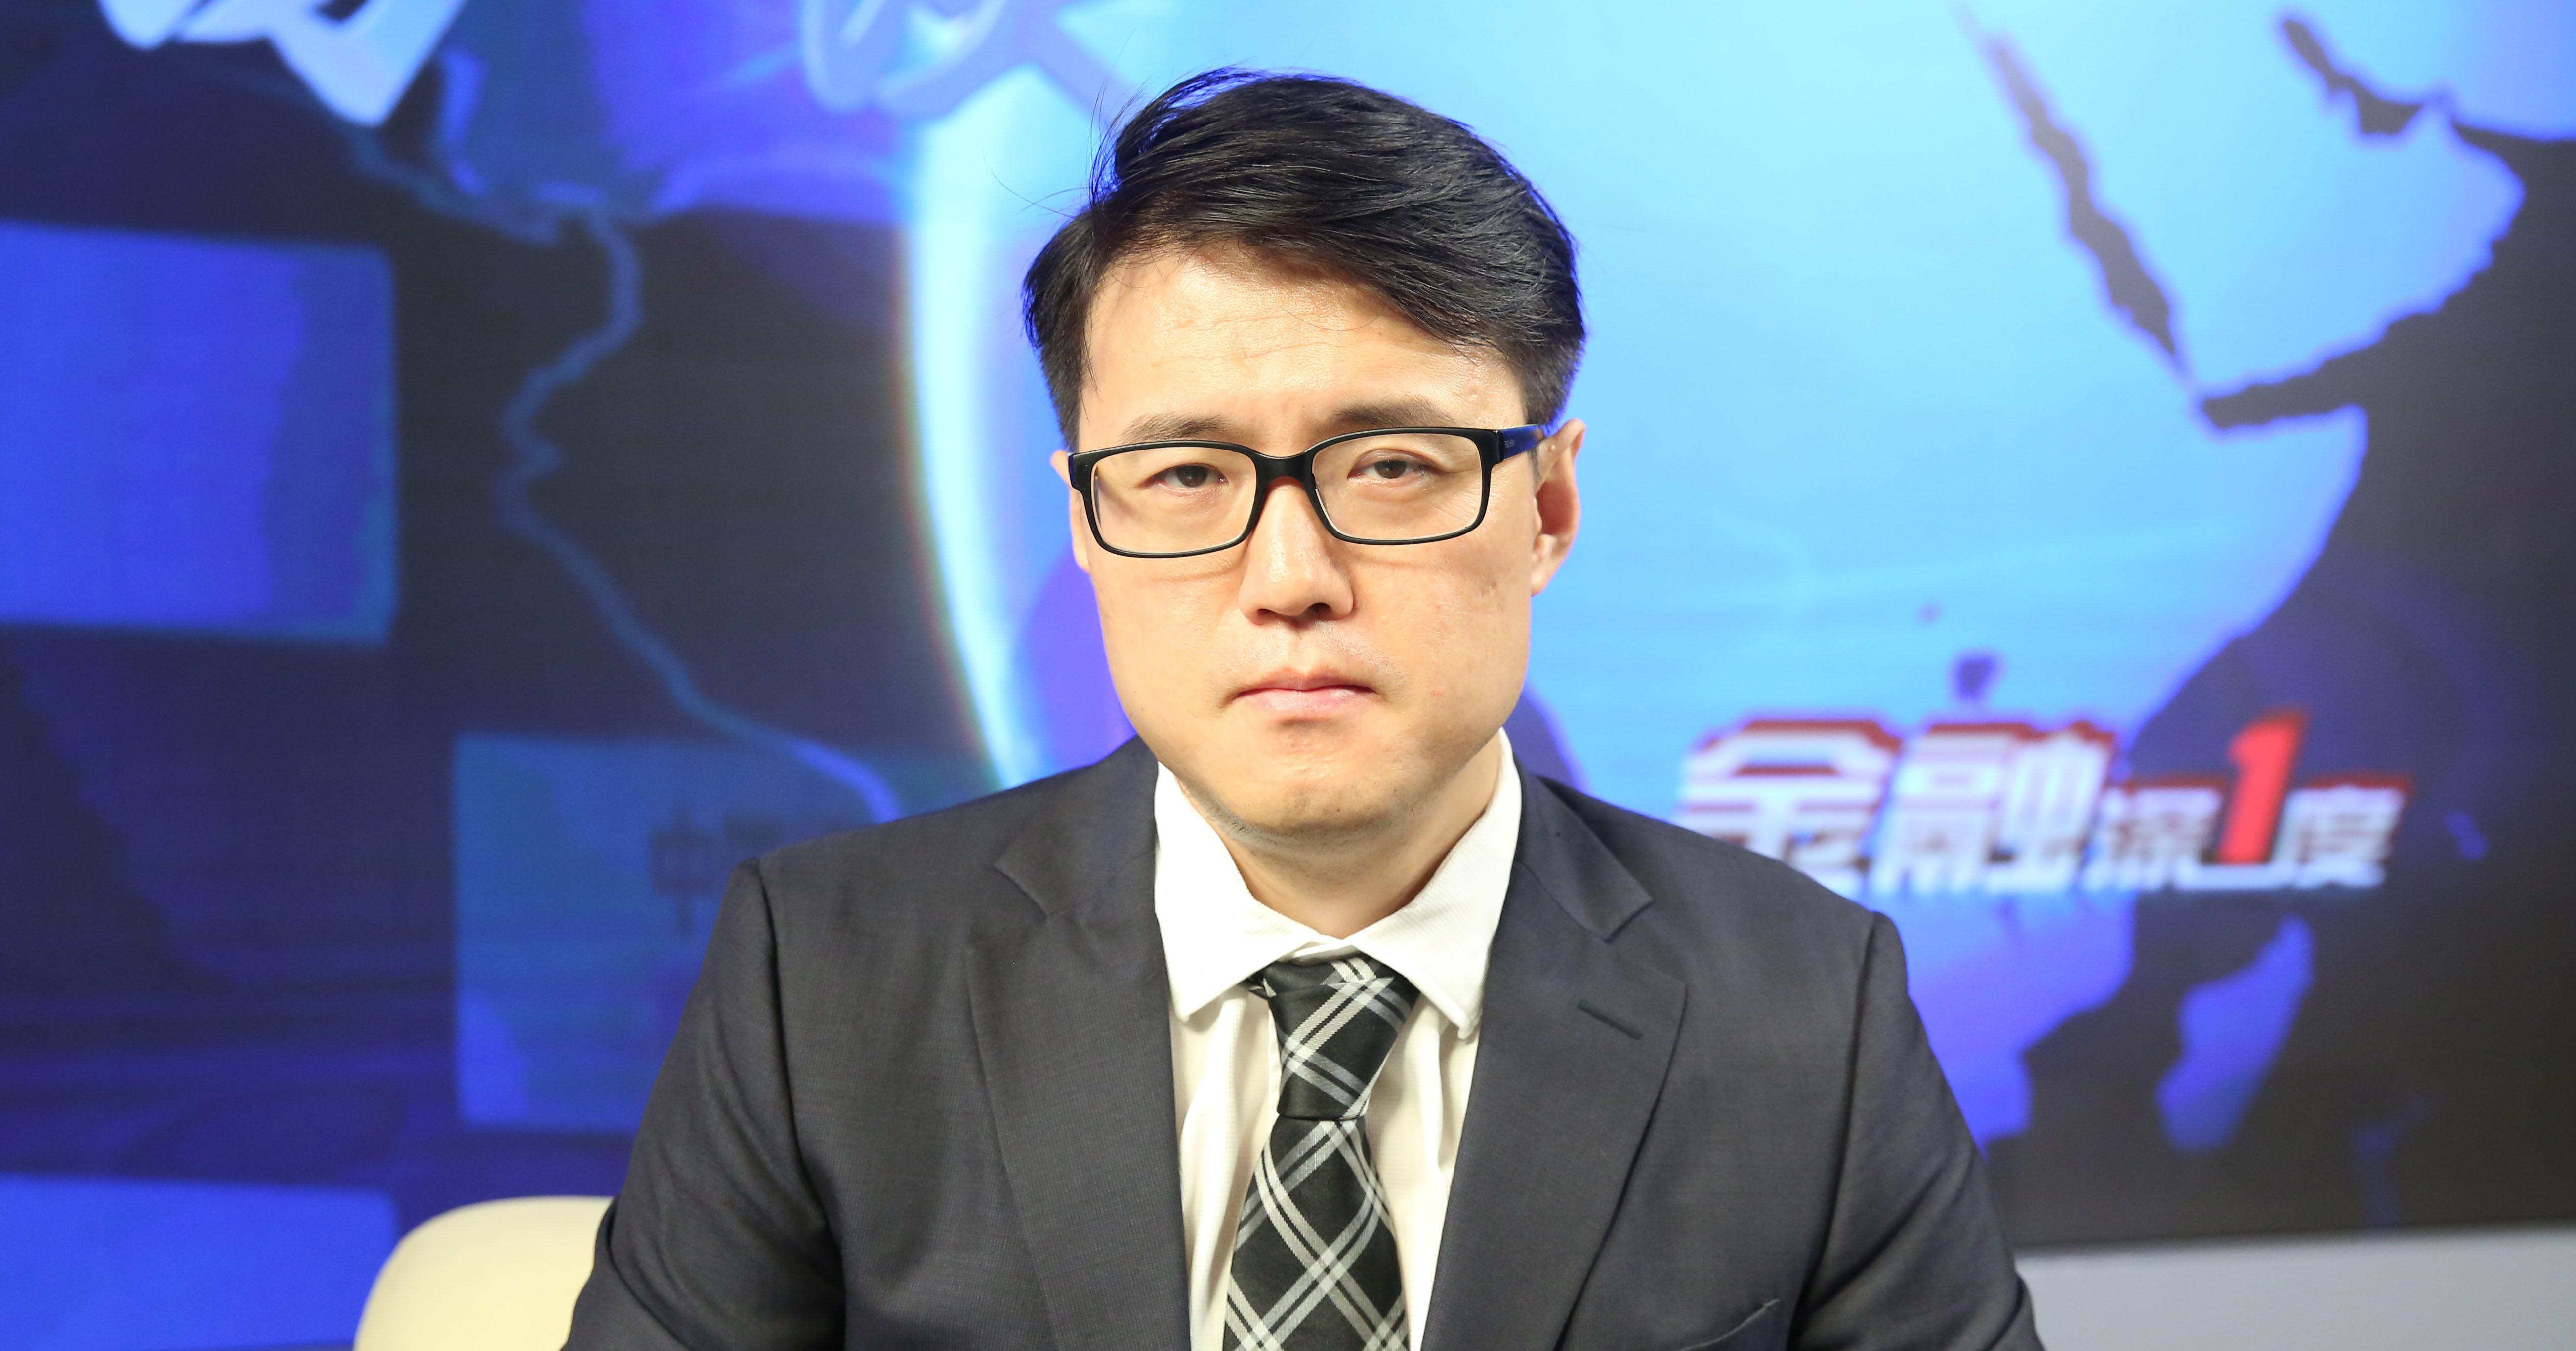 中化能源科技有限公司副总经理 于瀛蛟